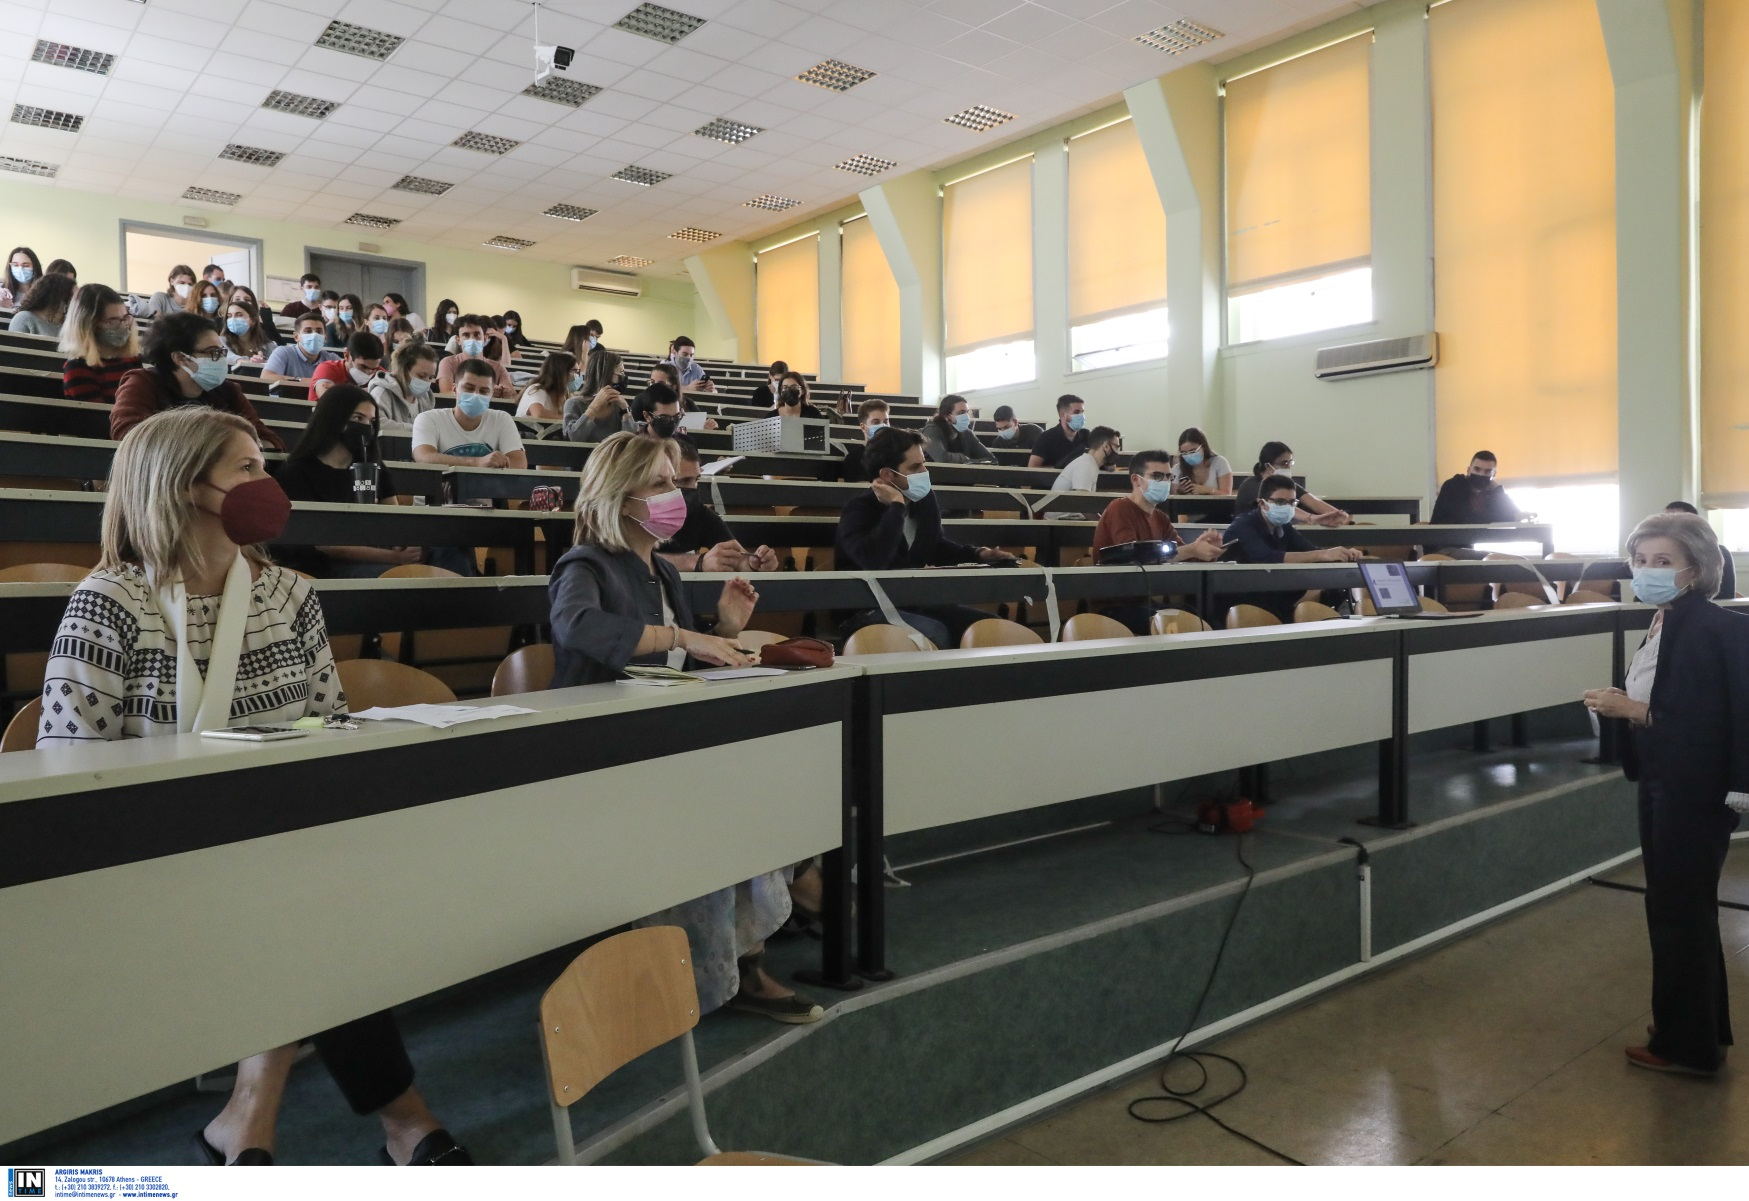 ΑΕΙ – edupass.gov.gr: Πώς μπορούν να το χρησιμοποιούν φοιτητές και καθηγητές